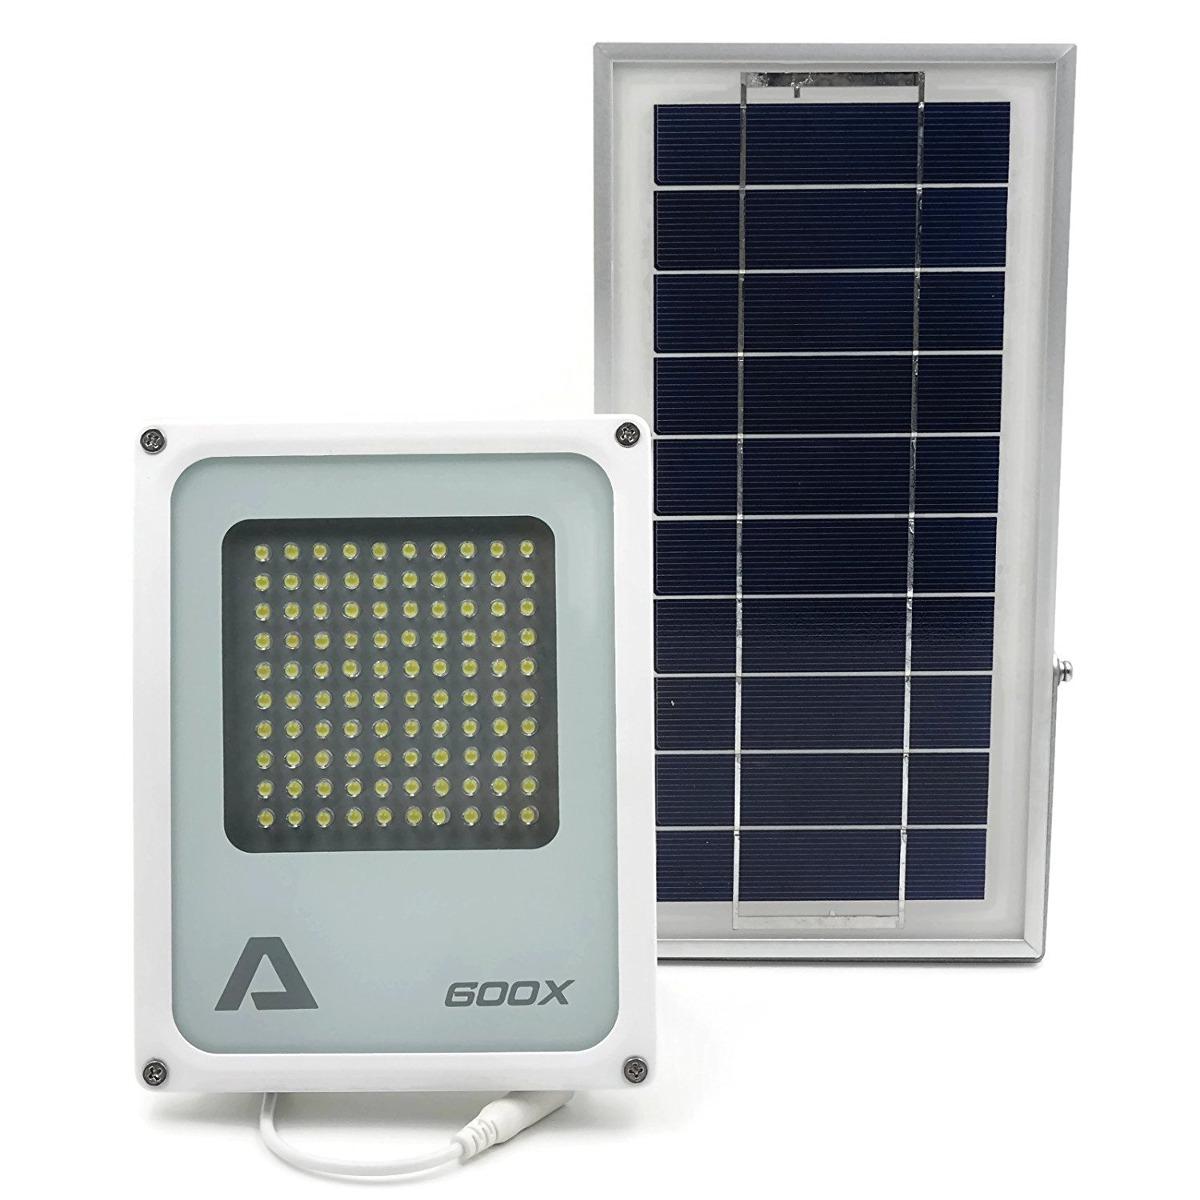 Solar flood light alpha 600x solar security floodlight security floodlight cargando zoom aloadofball Image collections